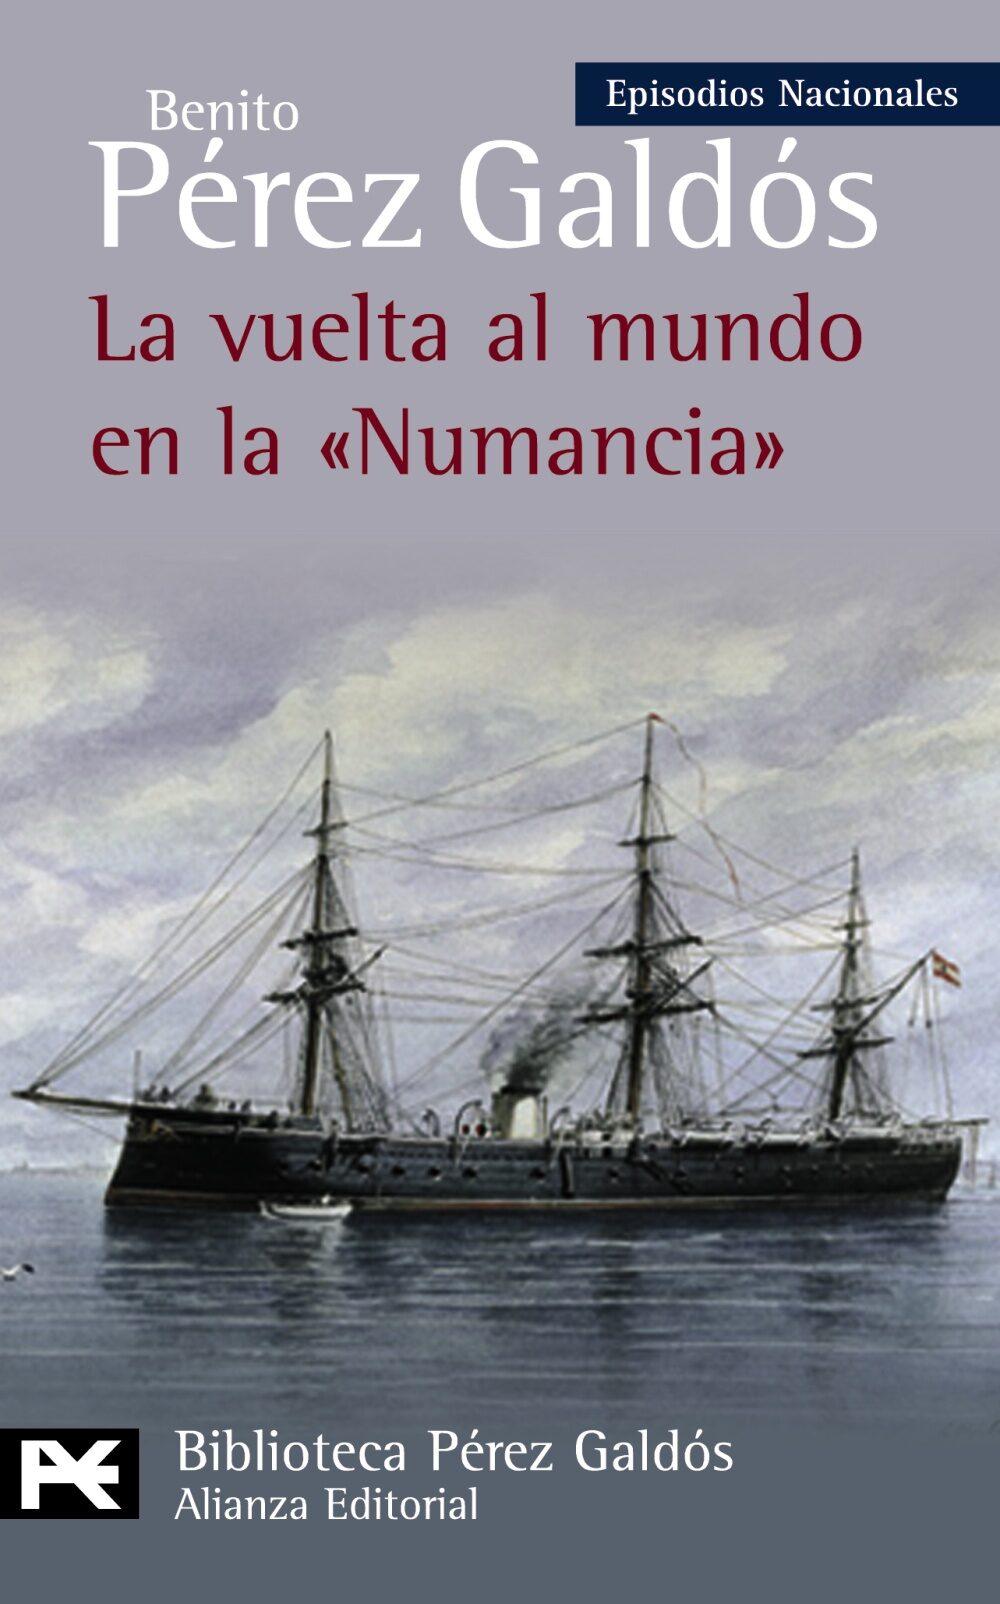 La Vuelta Al Mundo En La Numancia (episodios Nacionales, 38 / Cua Rta Serie) por Benito Perez Galdos